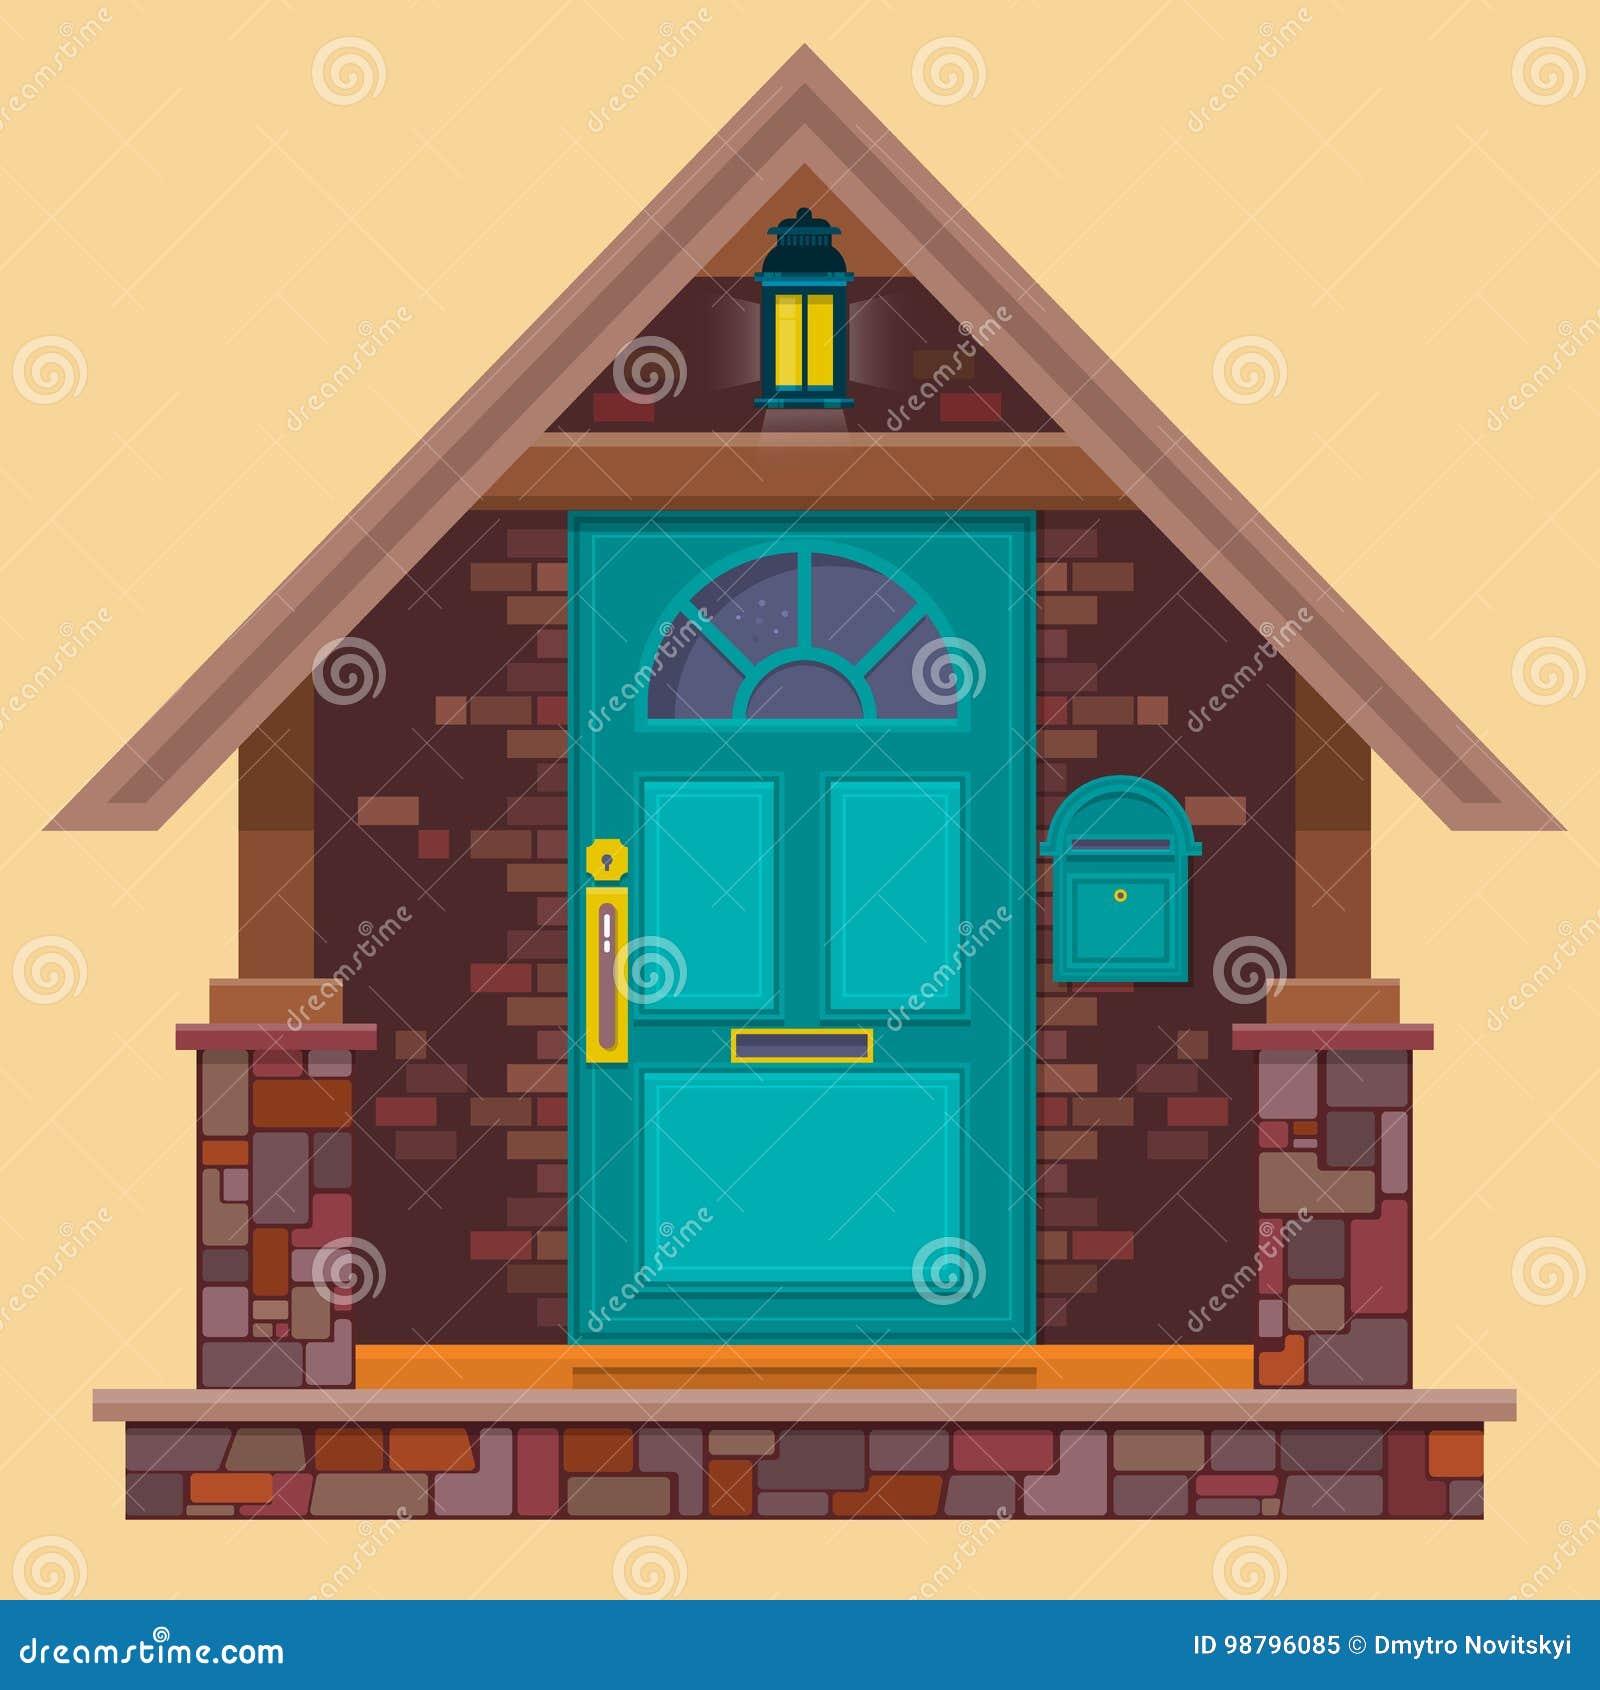 Porta Da Rua De Agua Marinha Na Parede De Tijolo Marrom Com Lanterna Ilustracao Da Casa Dos Desenhos Animados Elemento Da Constru Ilustracao Do Vetor Ilustracao De Residencial Parede 98796085